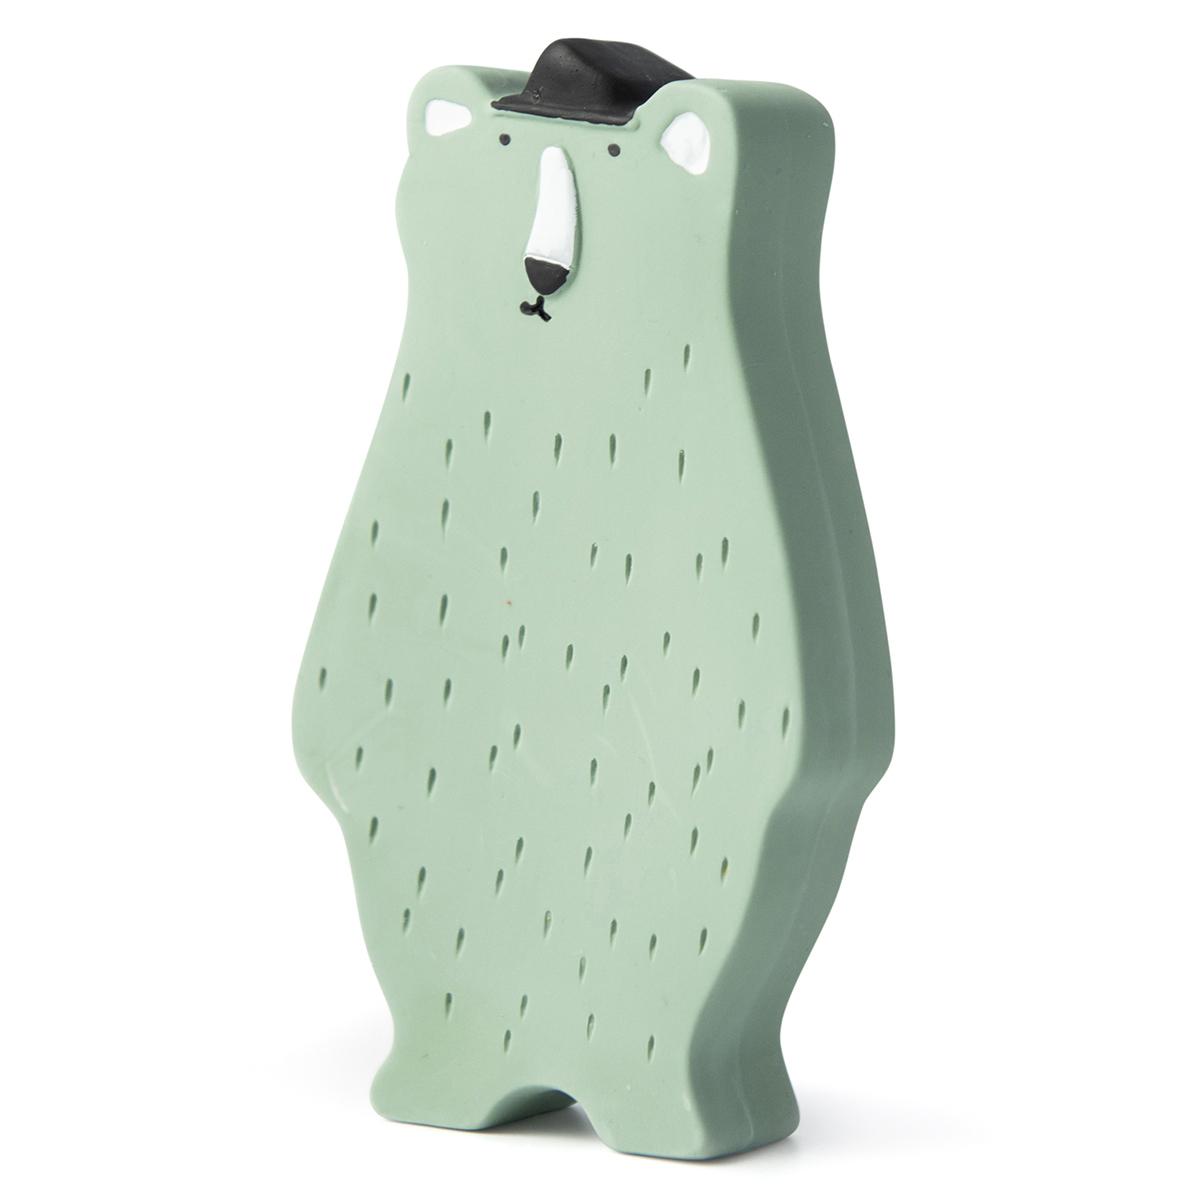 Dentition Jouet en Caoutchouc Naturel - Mr. Polar Bear Jouet en Caoutchouc Naturel - Mr. Polar Bear